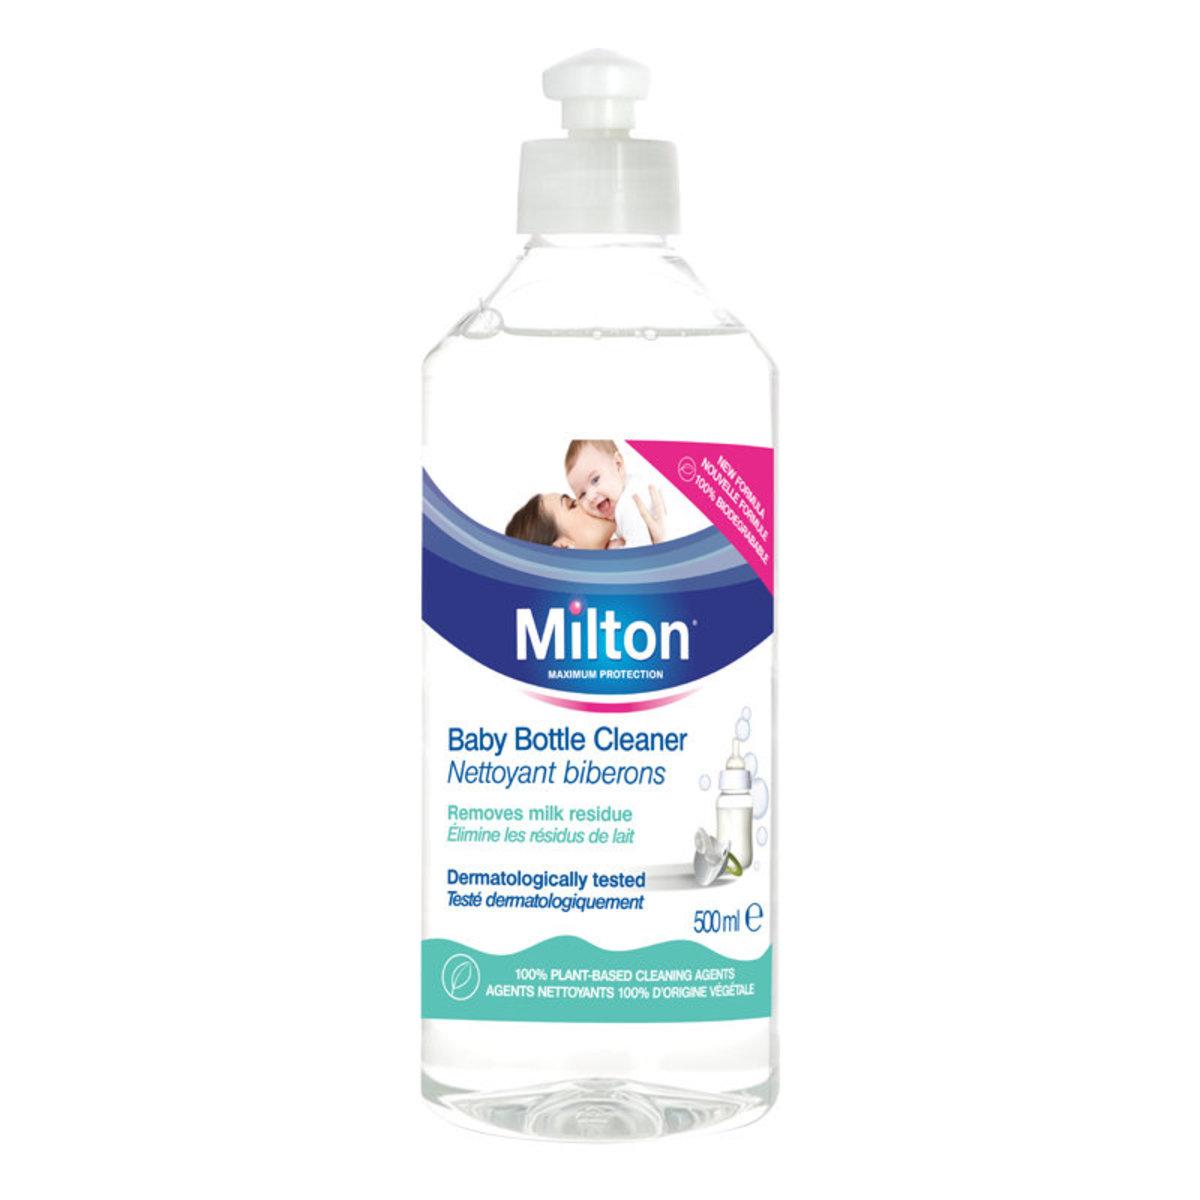 奶樽清洗液 (500ml) (平行進口產品)-有效期至05-2022